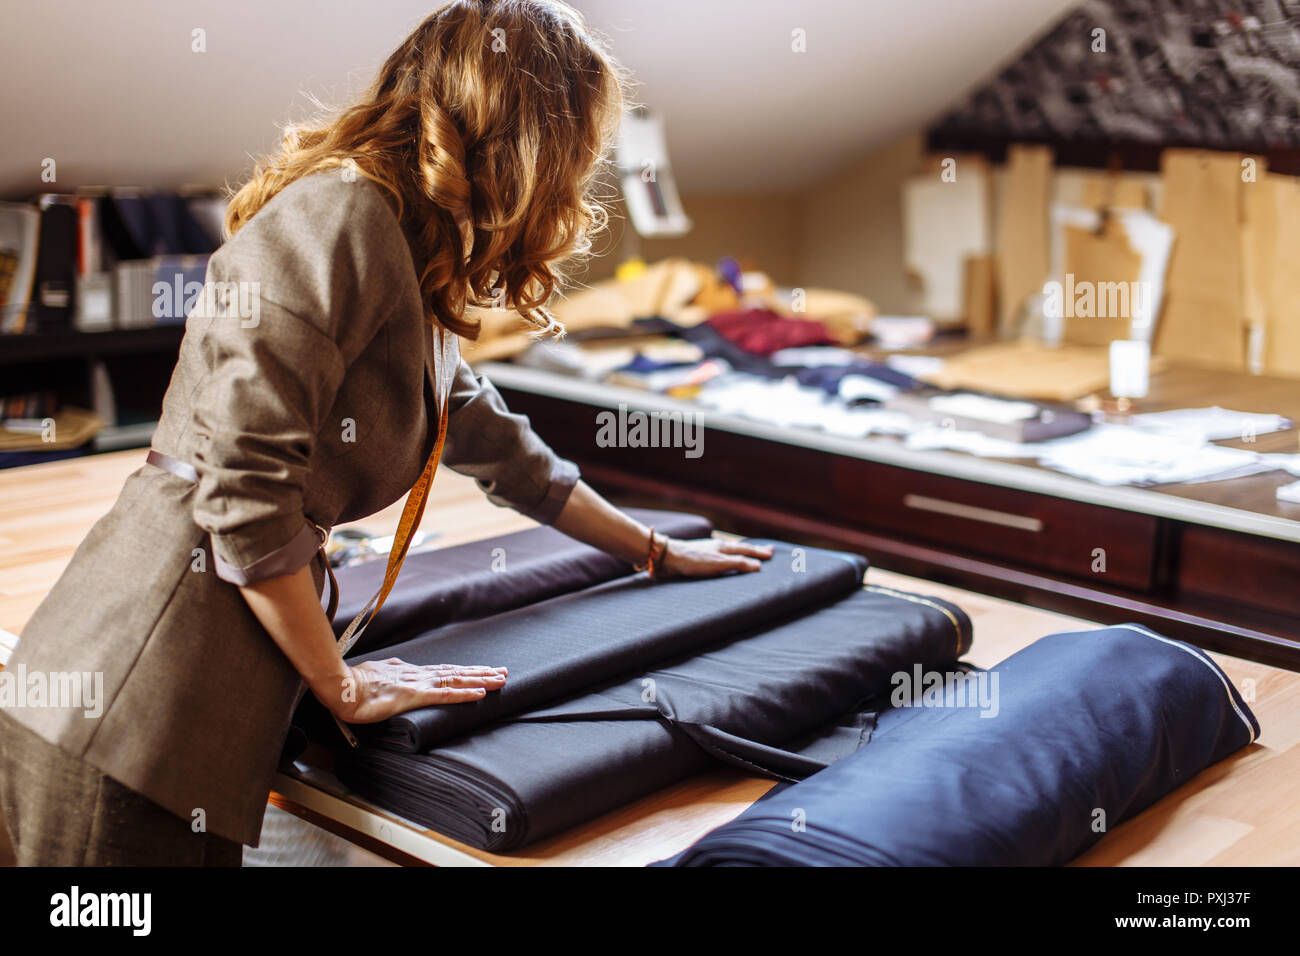 Moda femminile designer che lavora su tessuto si adattano con accessori di sartoria su tavola Immagini Stock